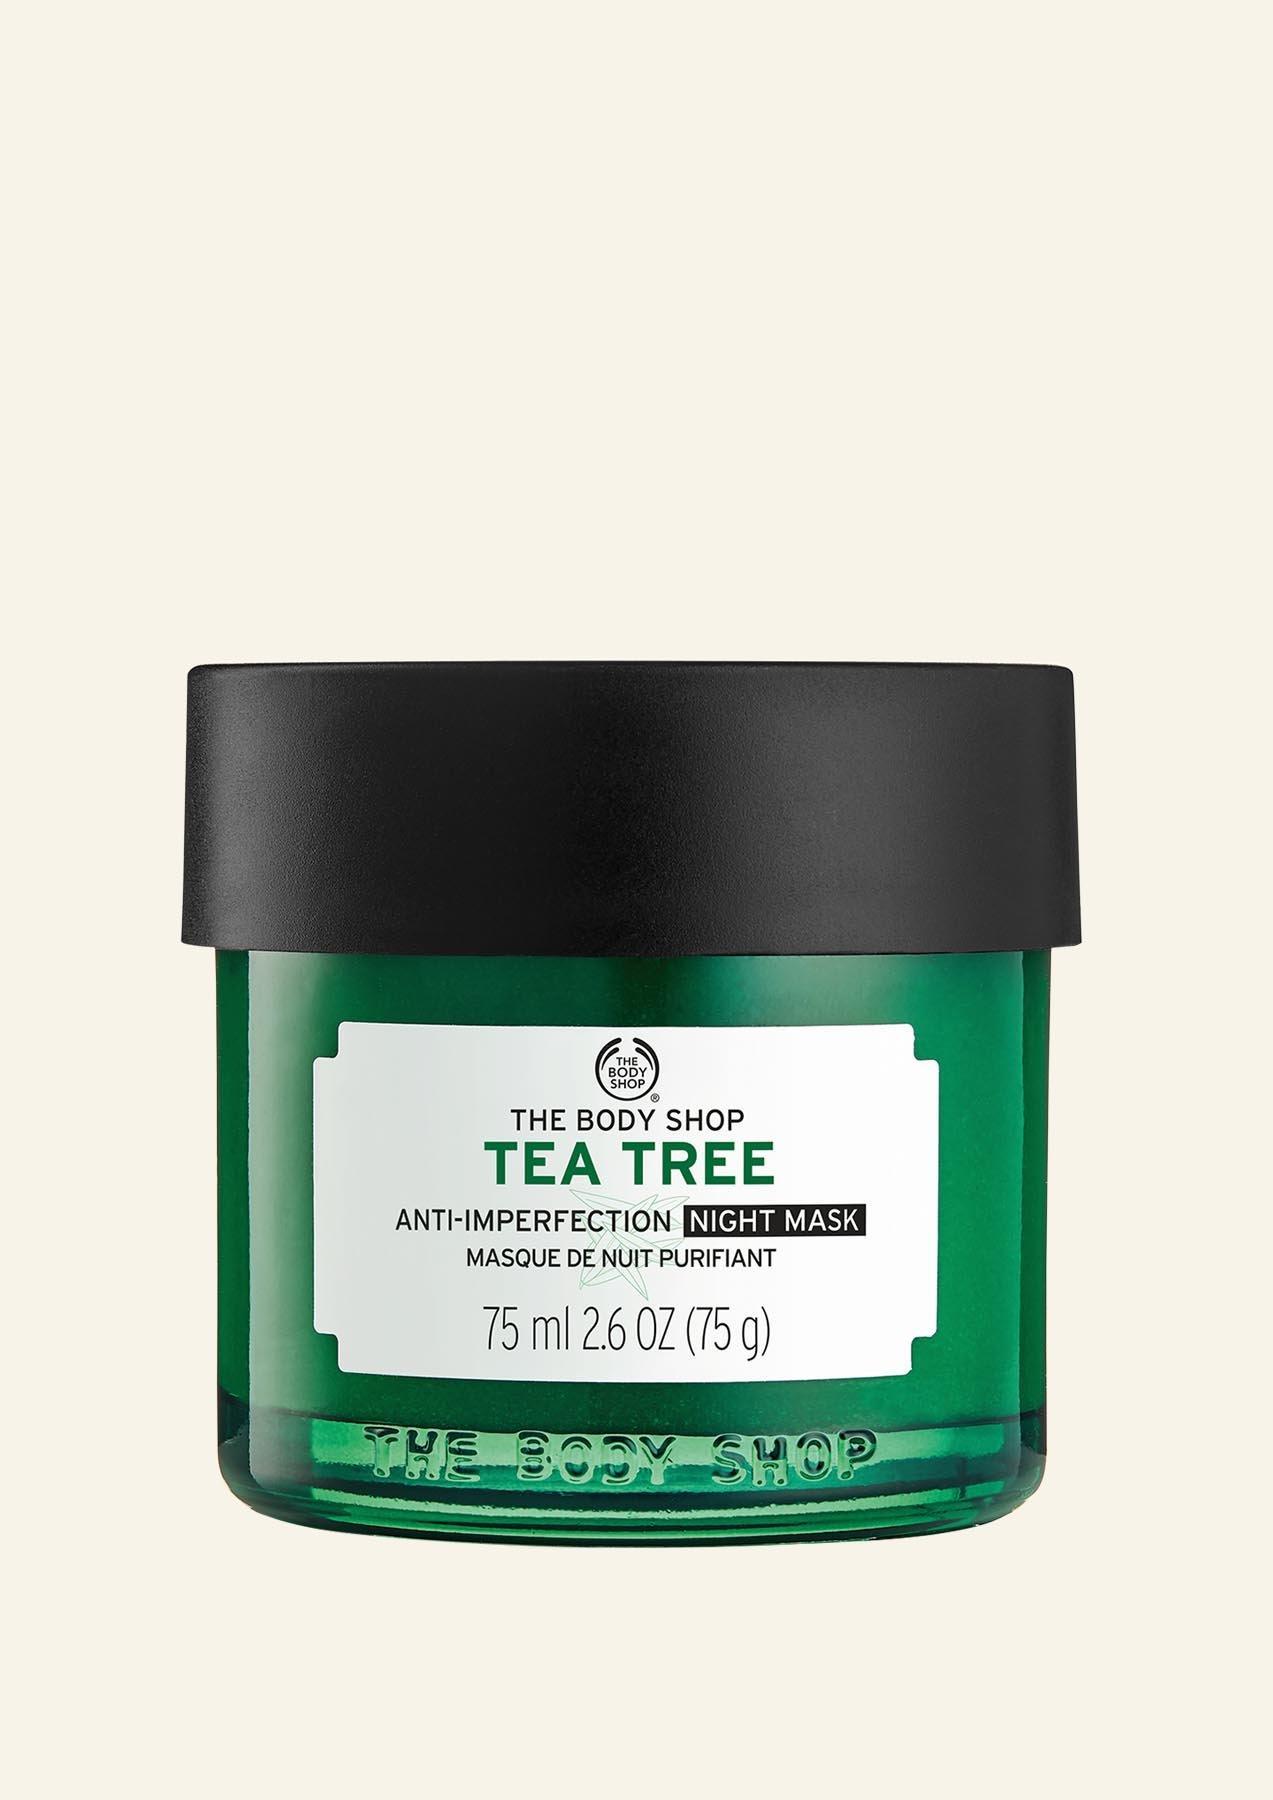 Maskë nate Tea Tree kundër imperfeksioneve